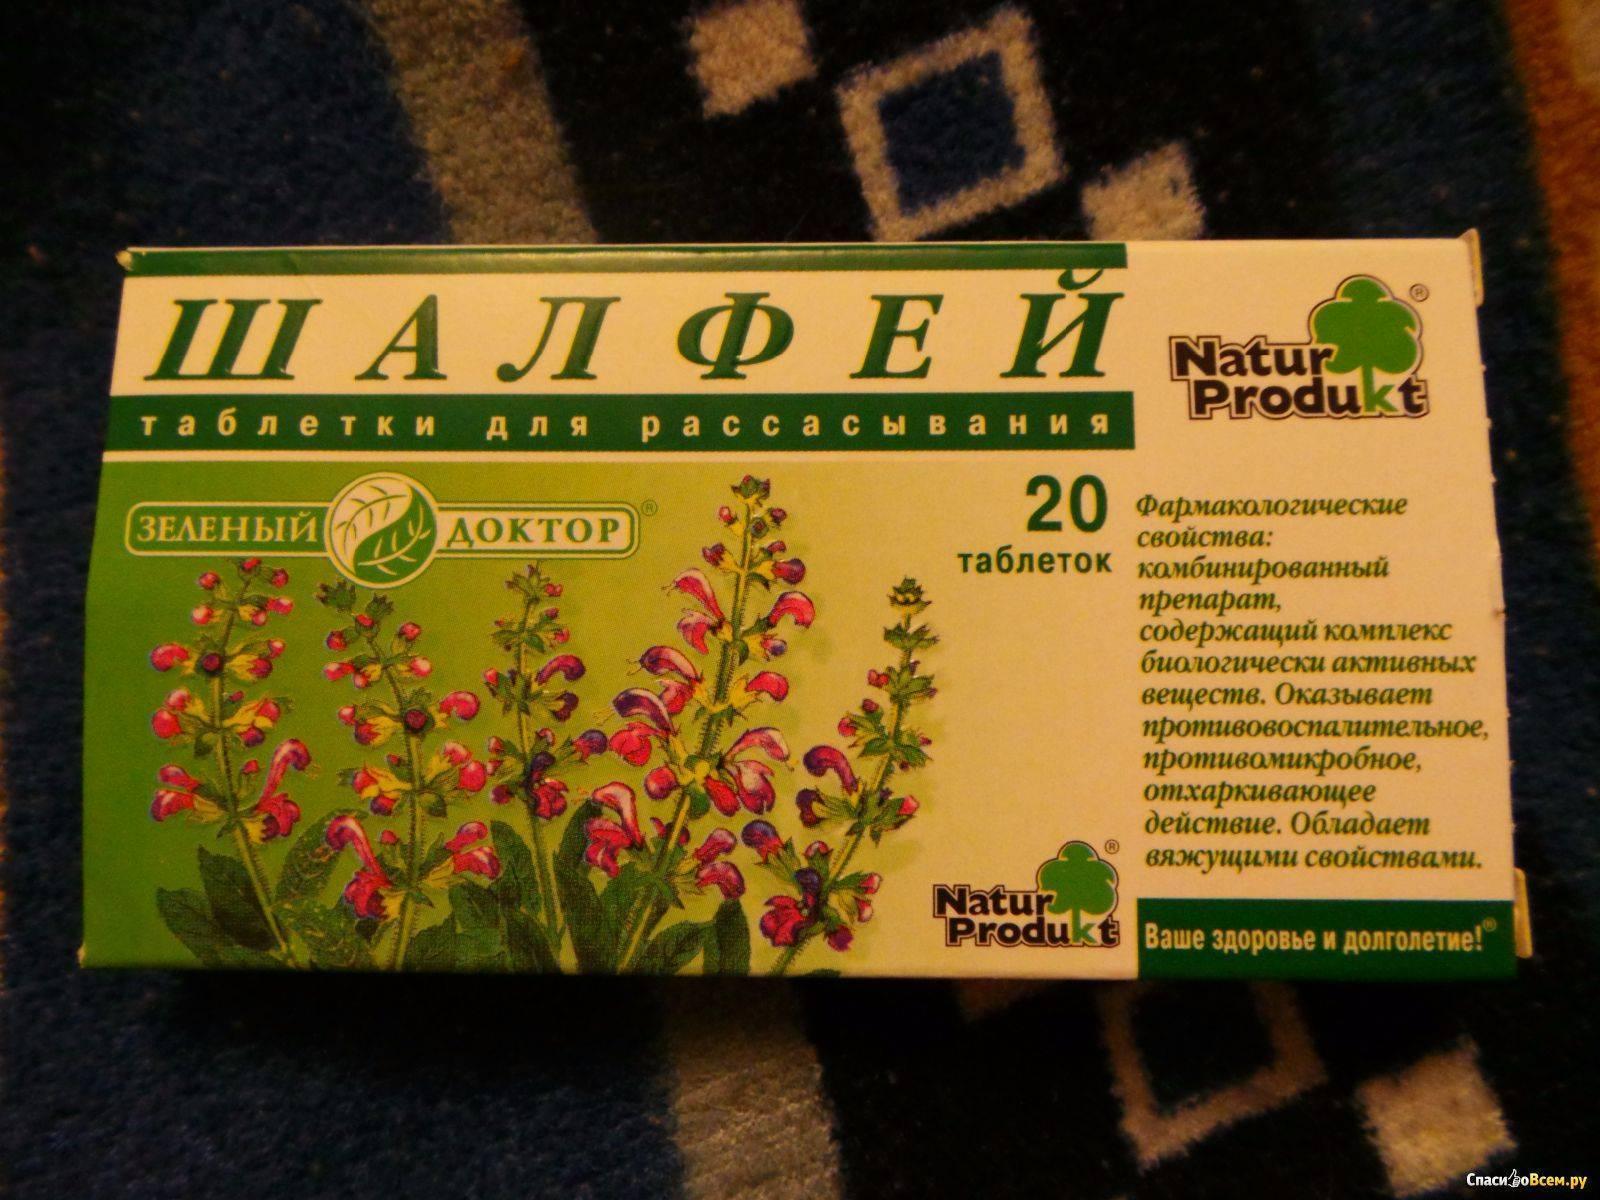 Шалфей при беременности: можно ли принимать и в каких дозах / mama66.ru